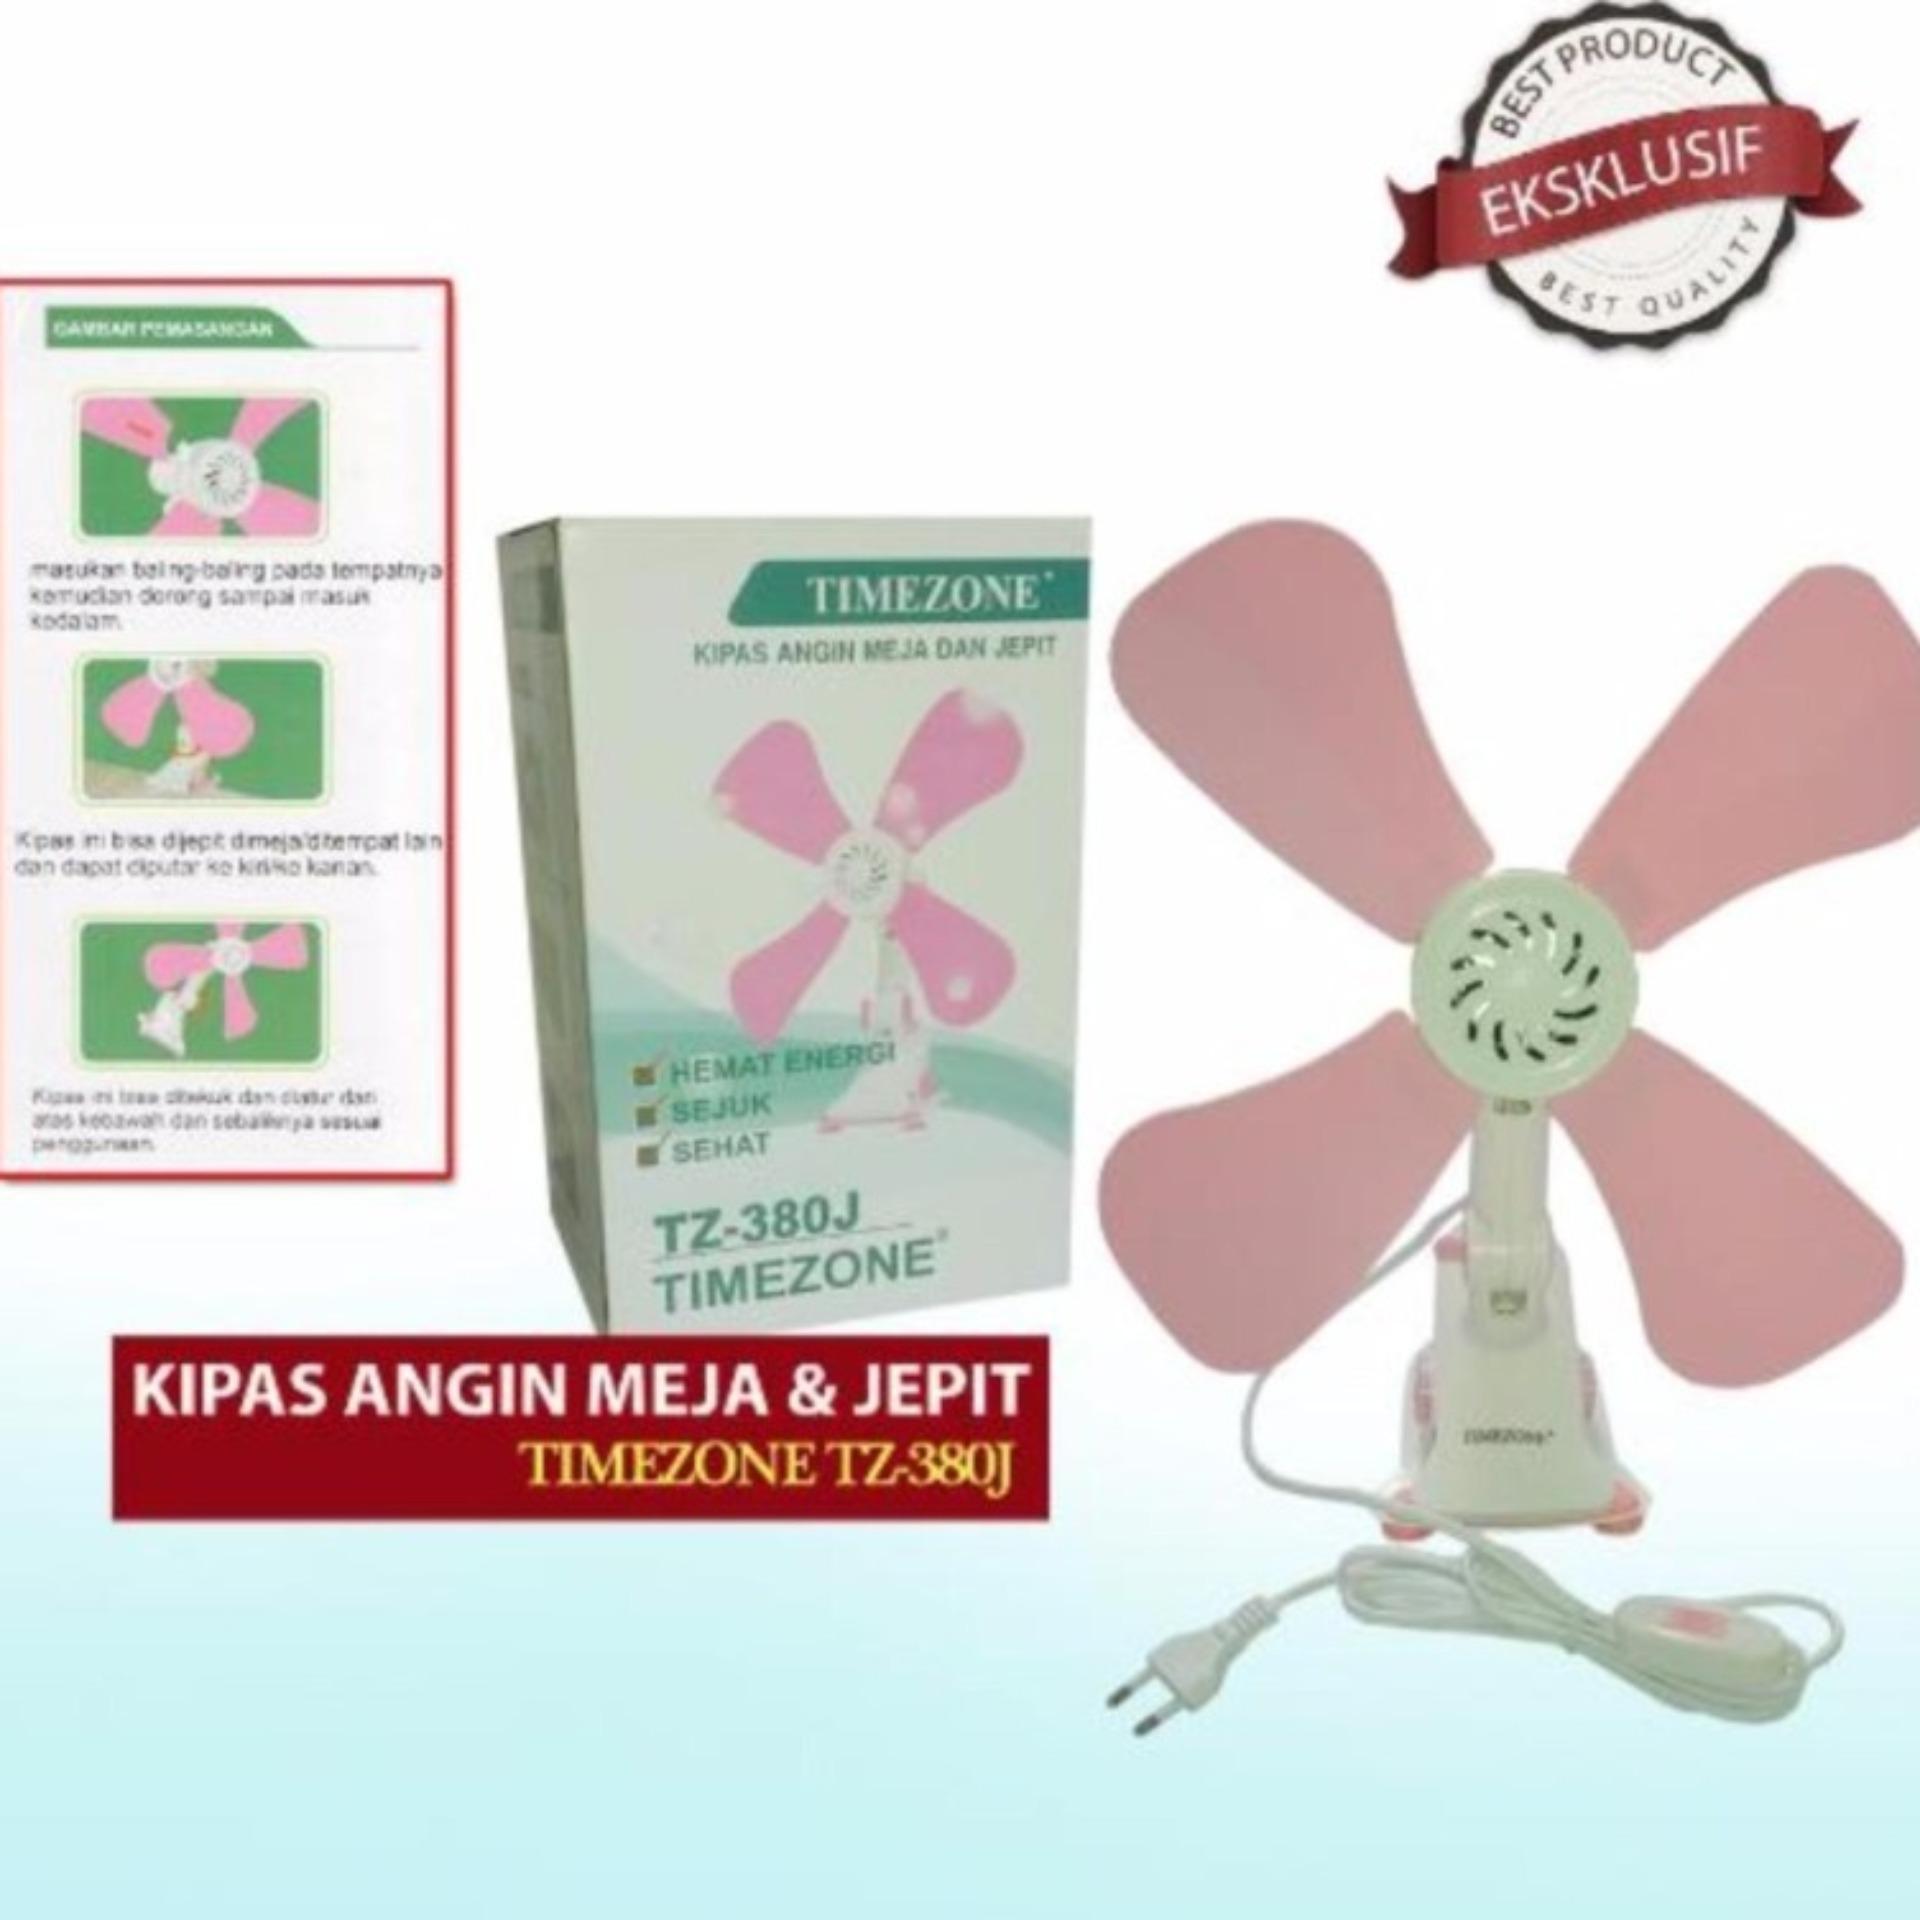 Toko Ouyashi Kipas Angin Jepit 4 Baling 3In1 Duduk Jepit Gantung Oy 380J Pink Murah Dki Jakarta